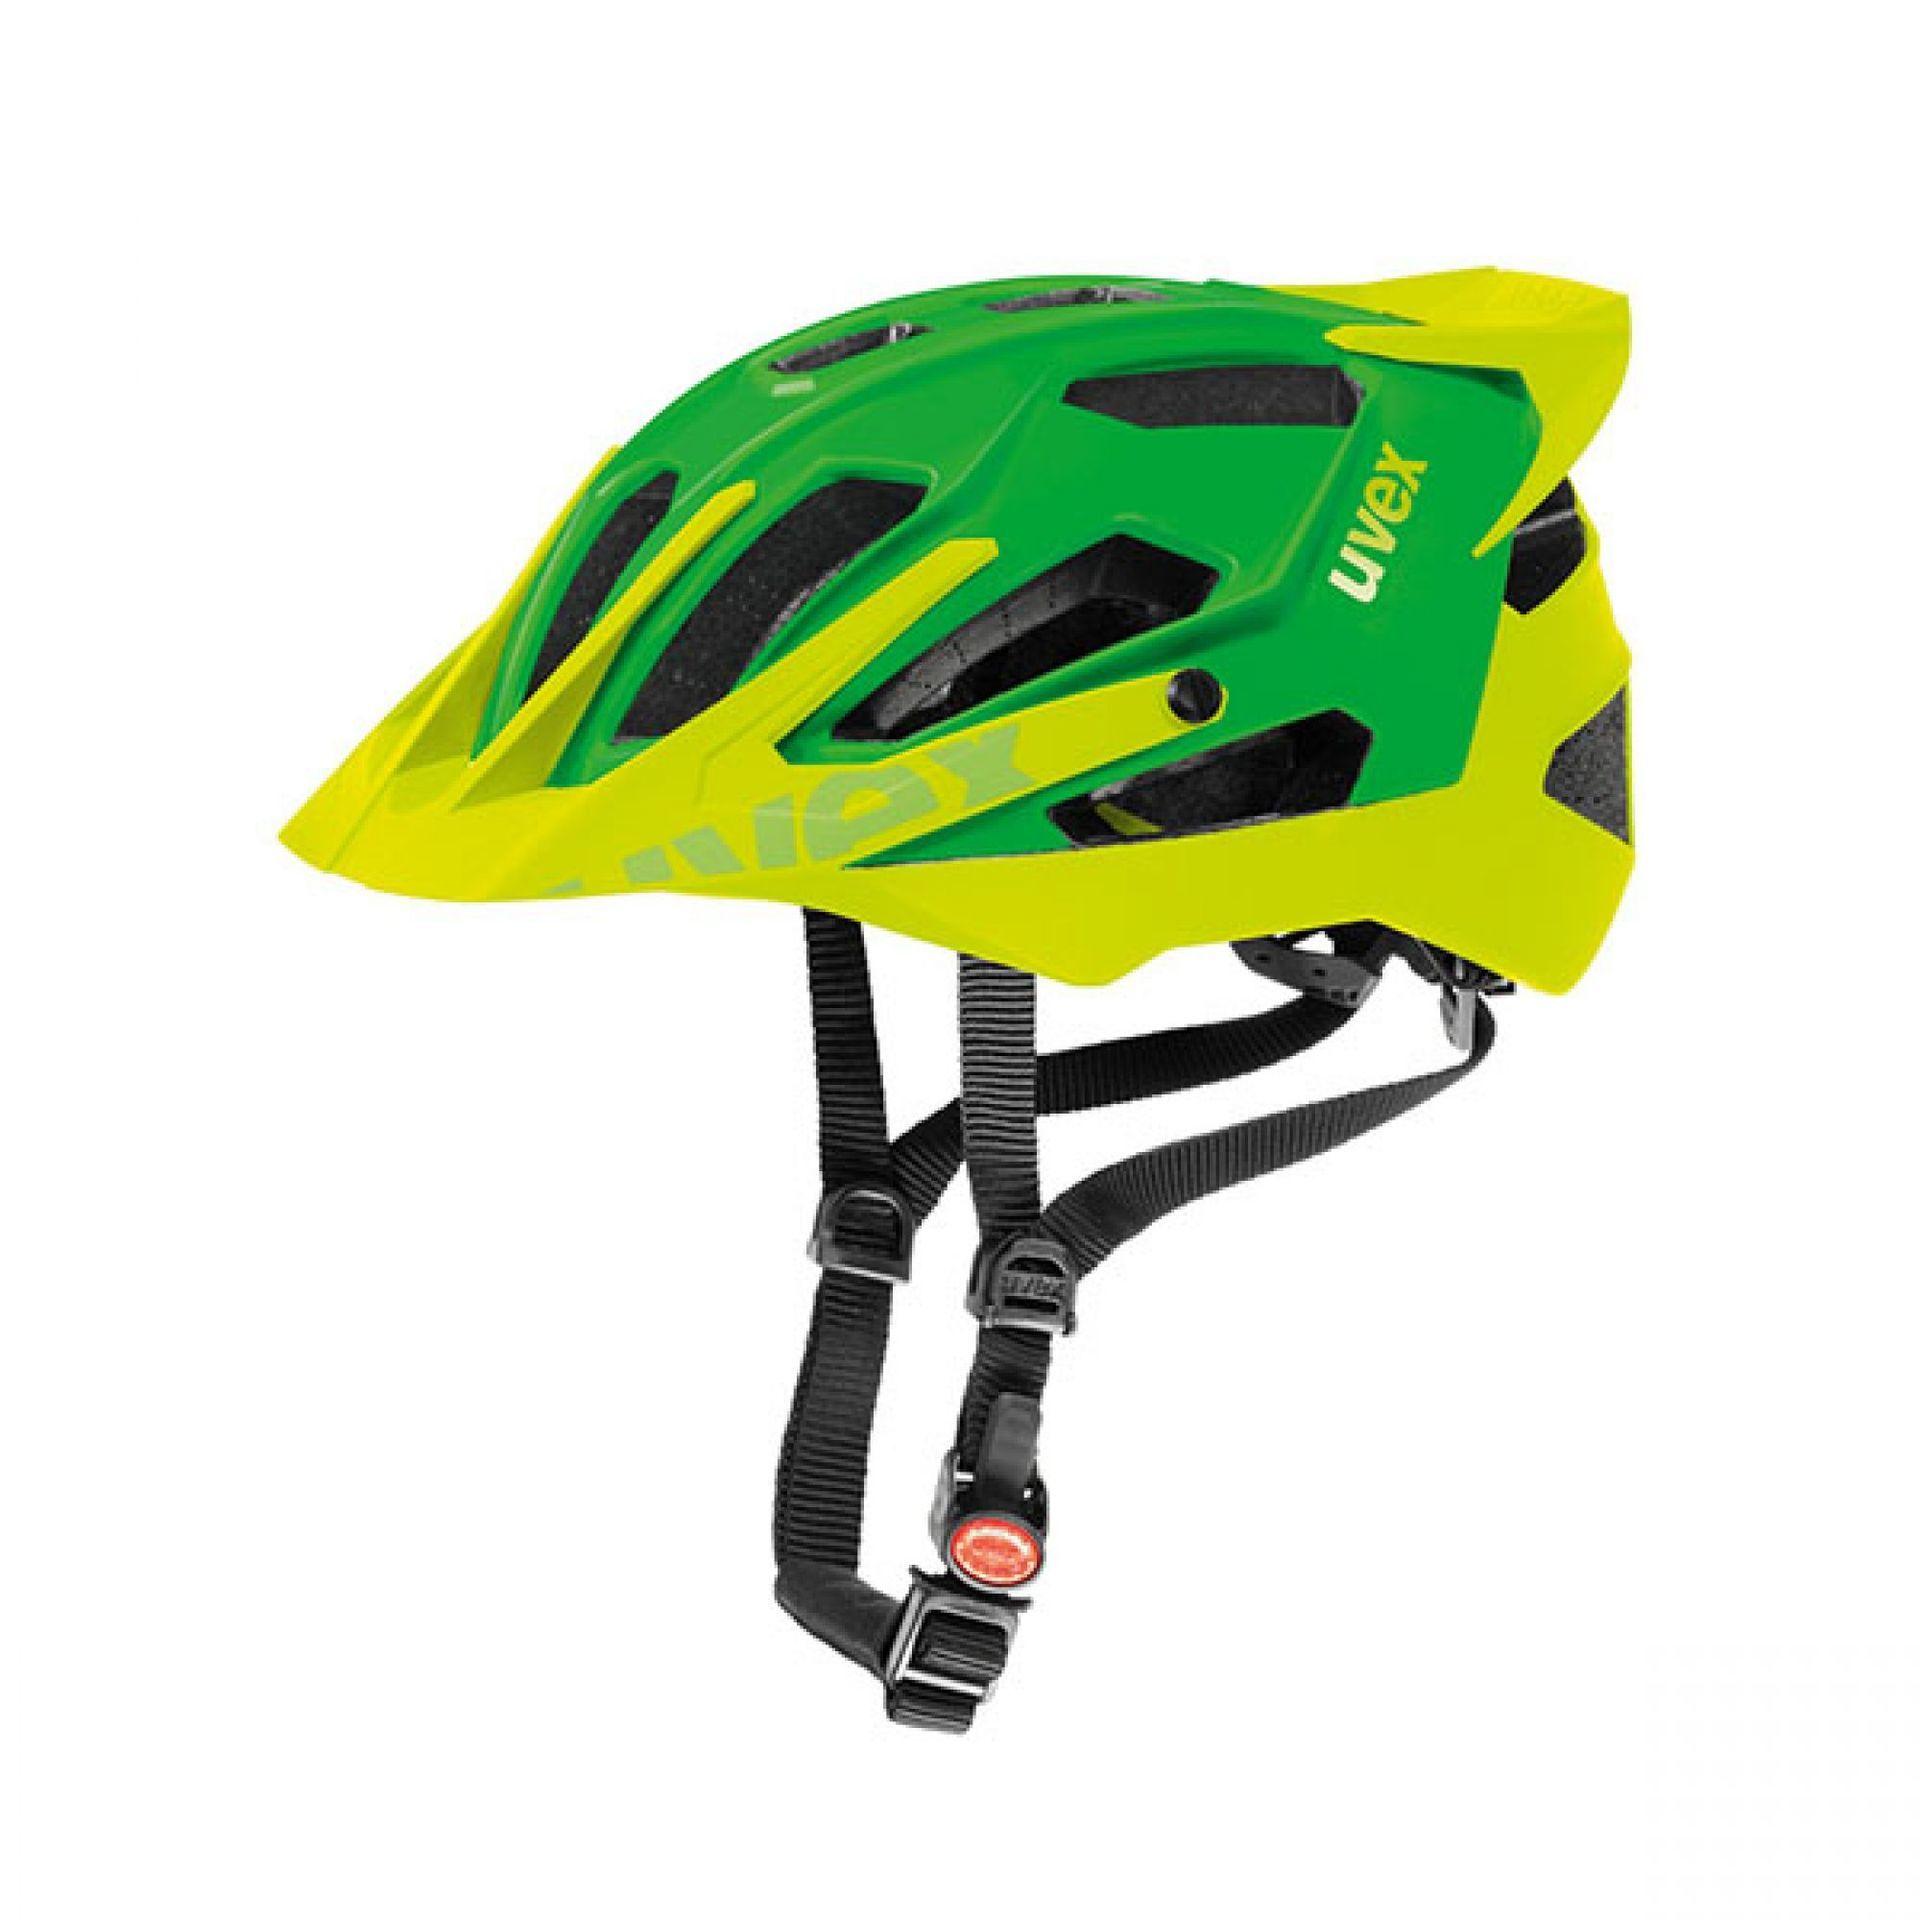 Kask rowerowy Quatro Pro zielono żółty